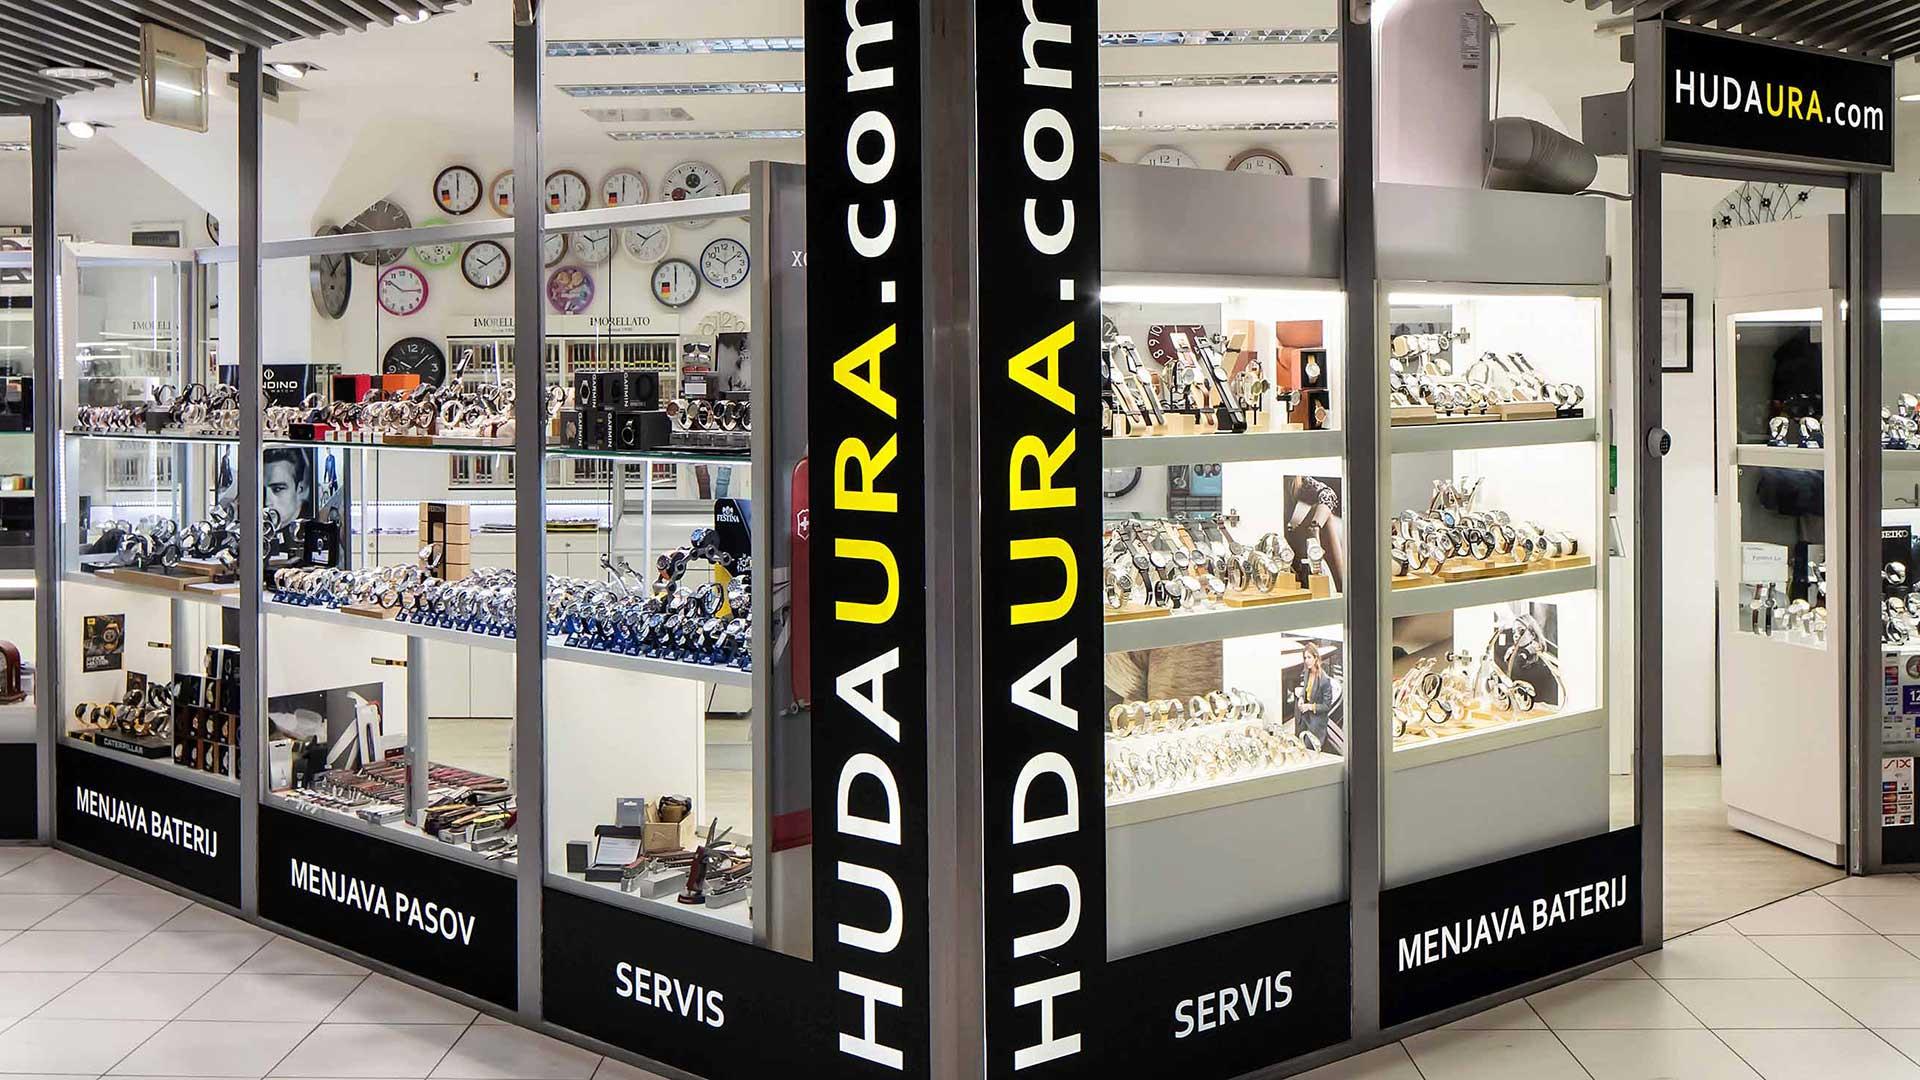 Hudaura.com, popravilo ur in nakita